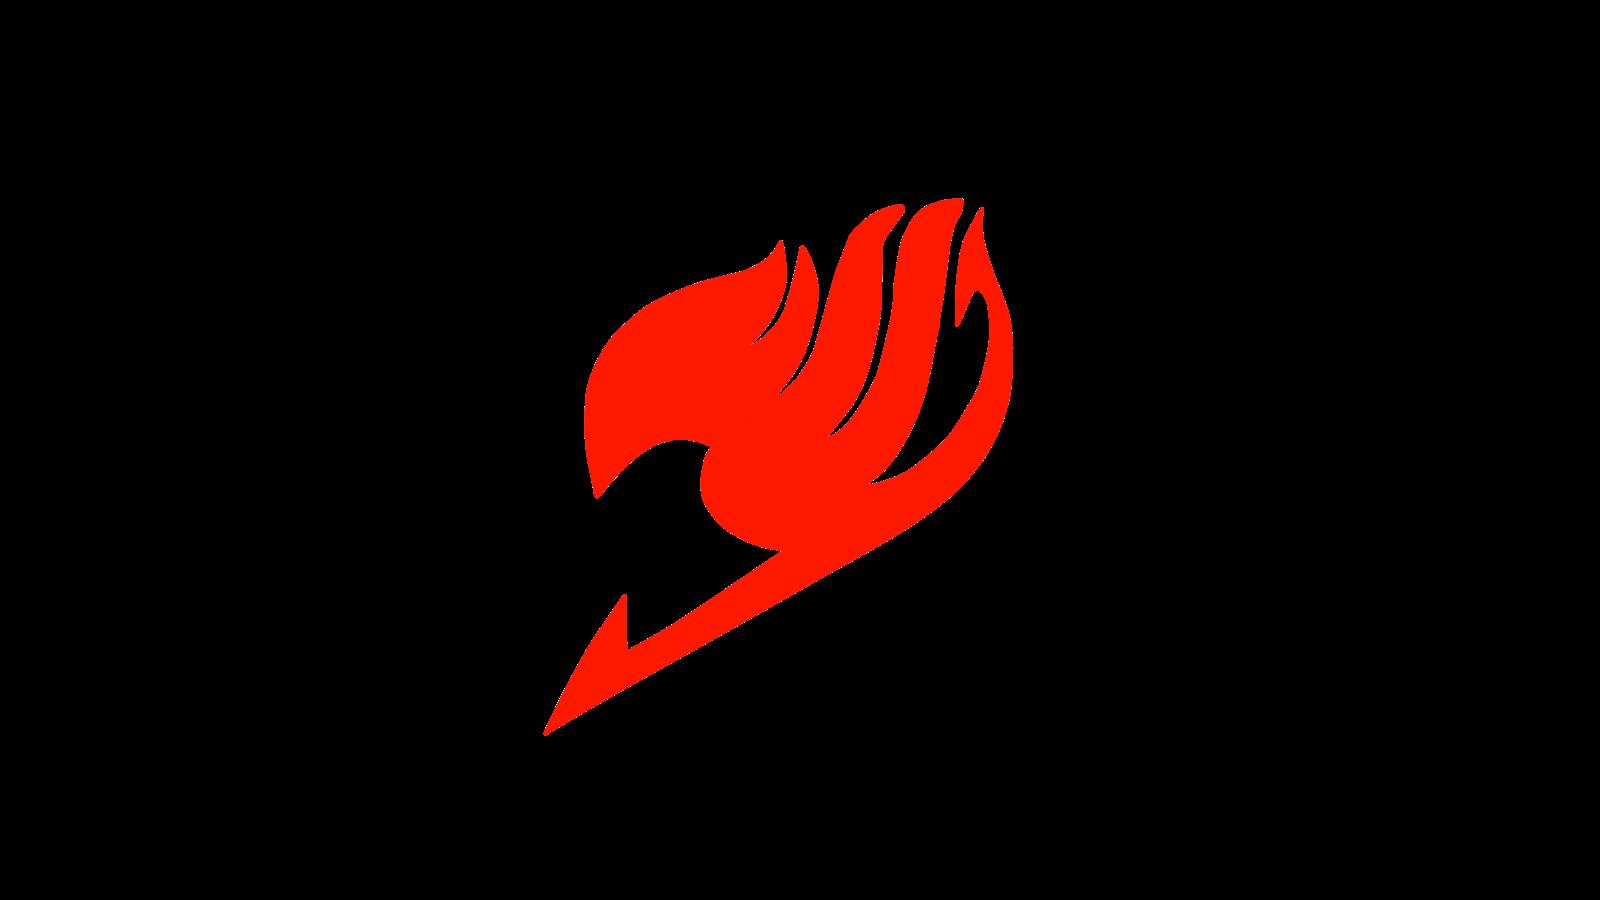 Fairy Tail Logo By Artgamerforever On Deviantart Fairy Tail Logo Fairy Tail Tattoo Fairy Tail Emblem